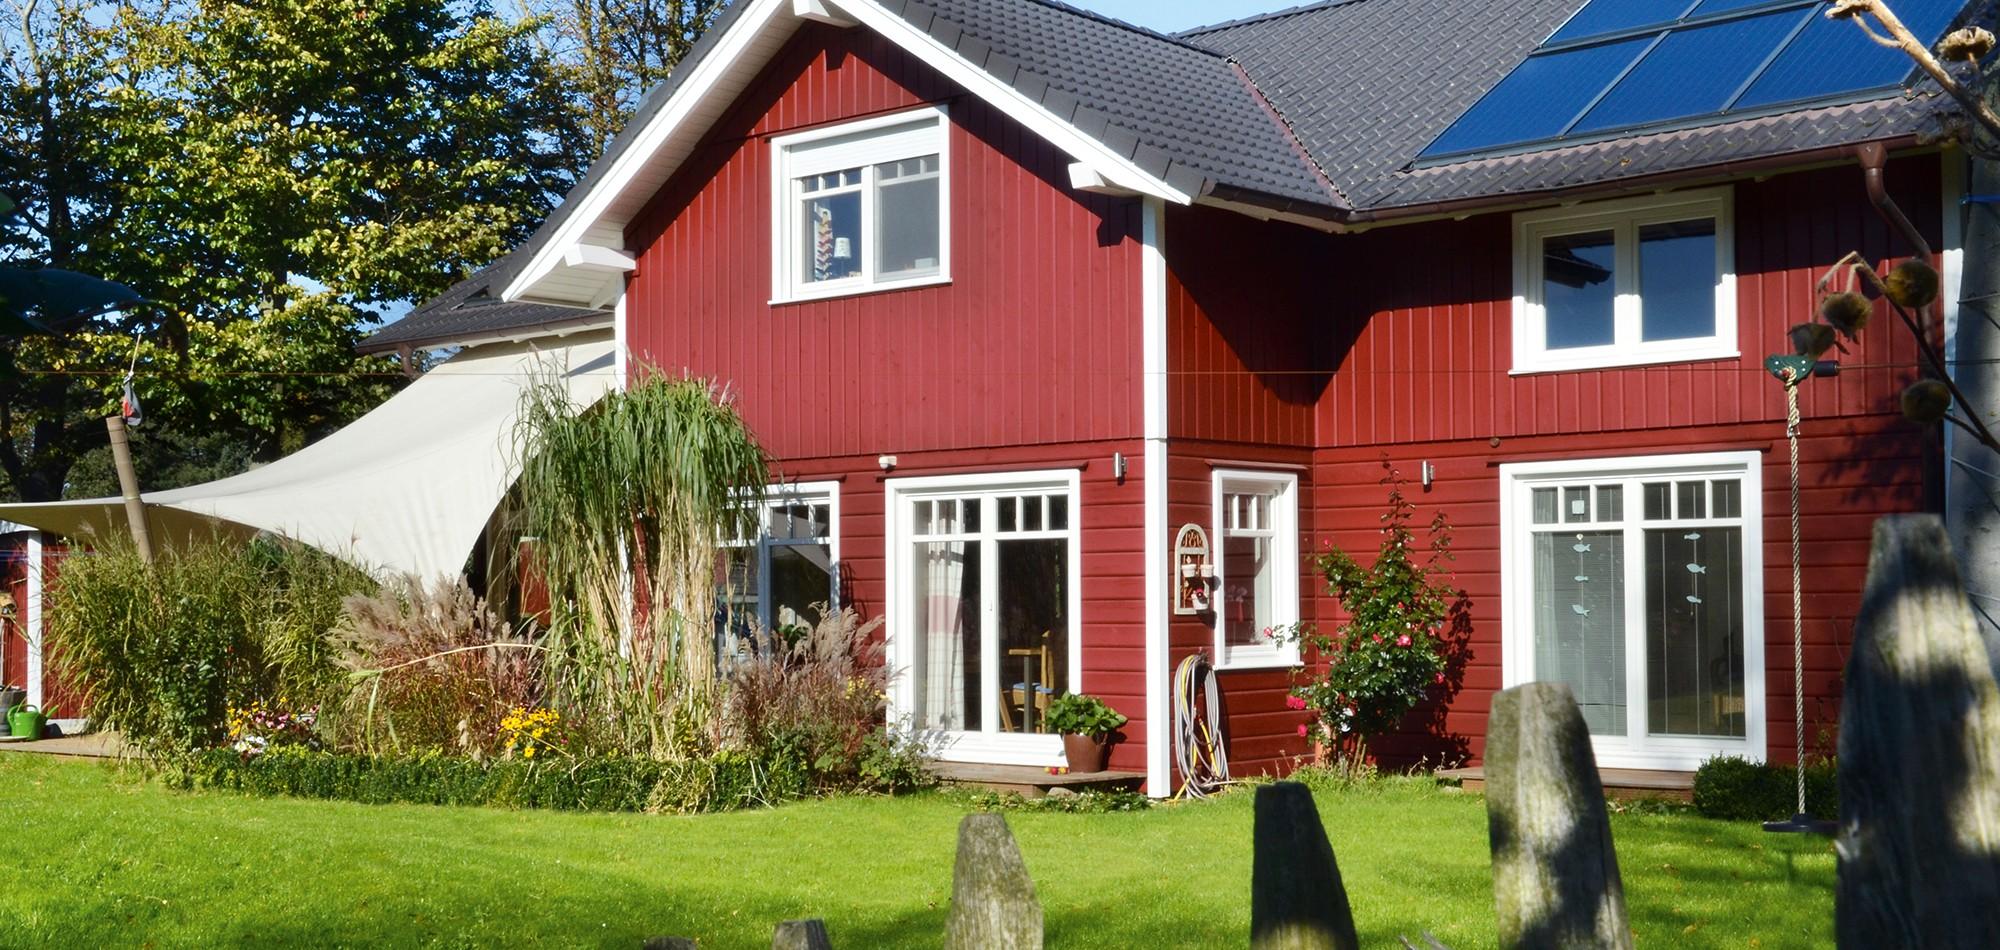 1 ½-geschossige Holzhäuser – Holzhäuser & Zimmerei ichardsen ... size: 2000 x 950 post ID: 9 File size: 0 B